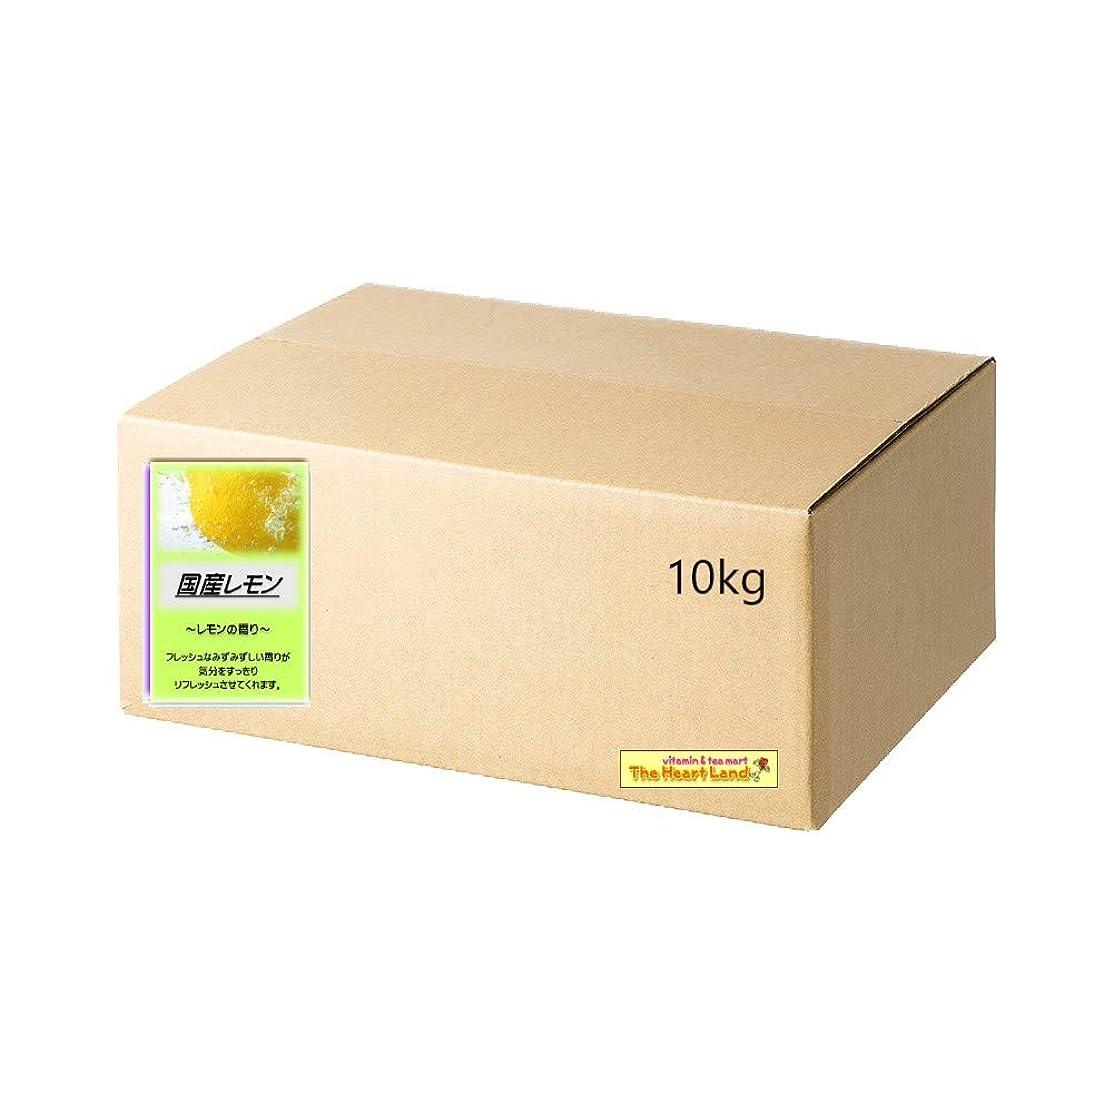 近傍巨大なチョークアサヒ入浴剤 浴用入浴化粧品 国産レモン 10kg